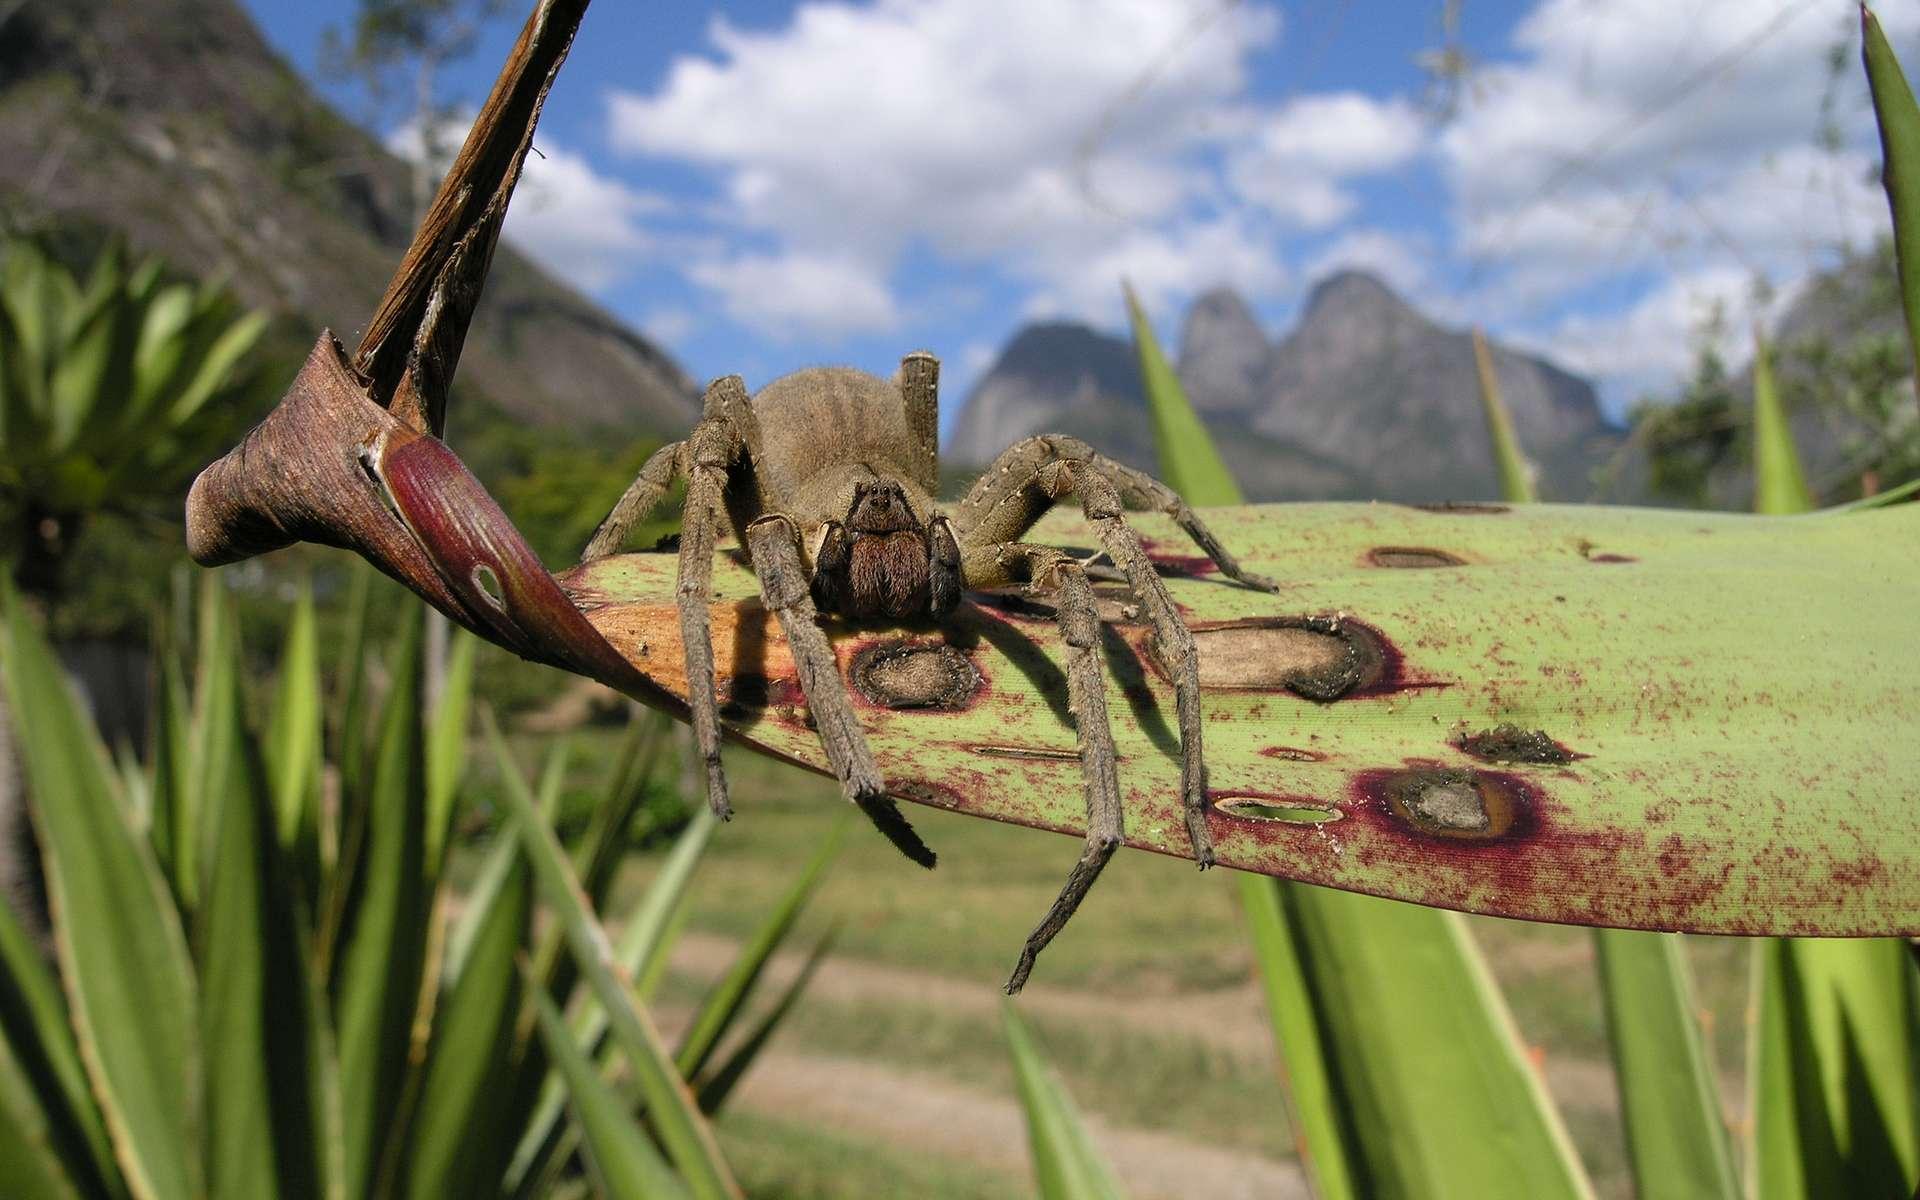 Phoneutria nigriventer, ou araignée-banane, possède un venin très puissant qui provoque des érections. © jgury, Flickr